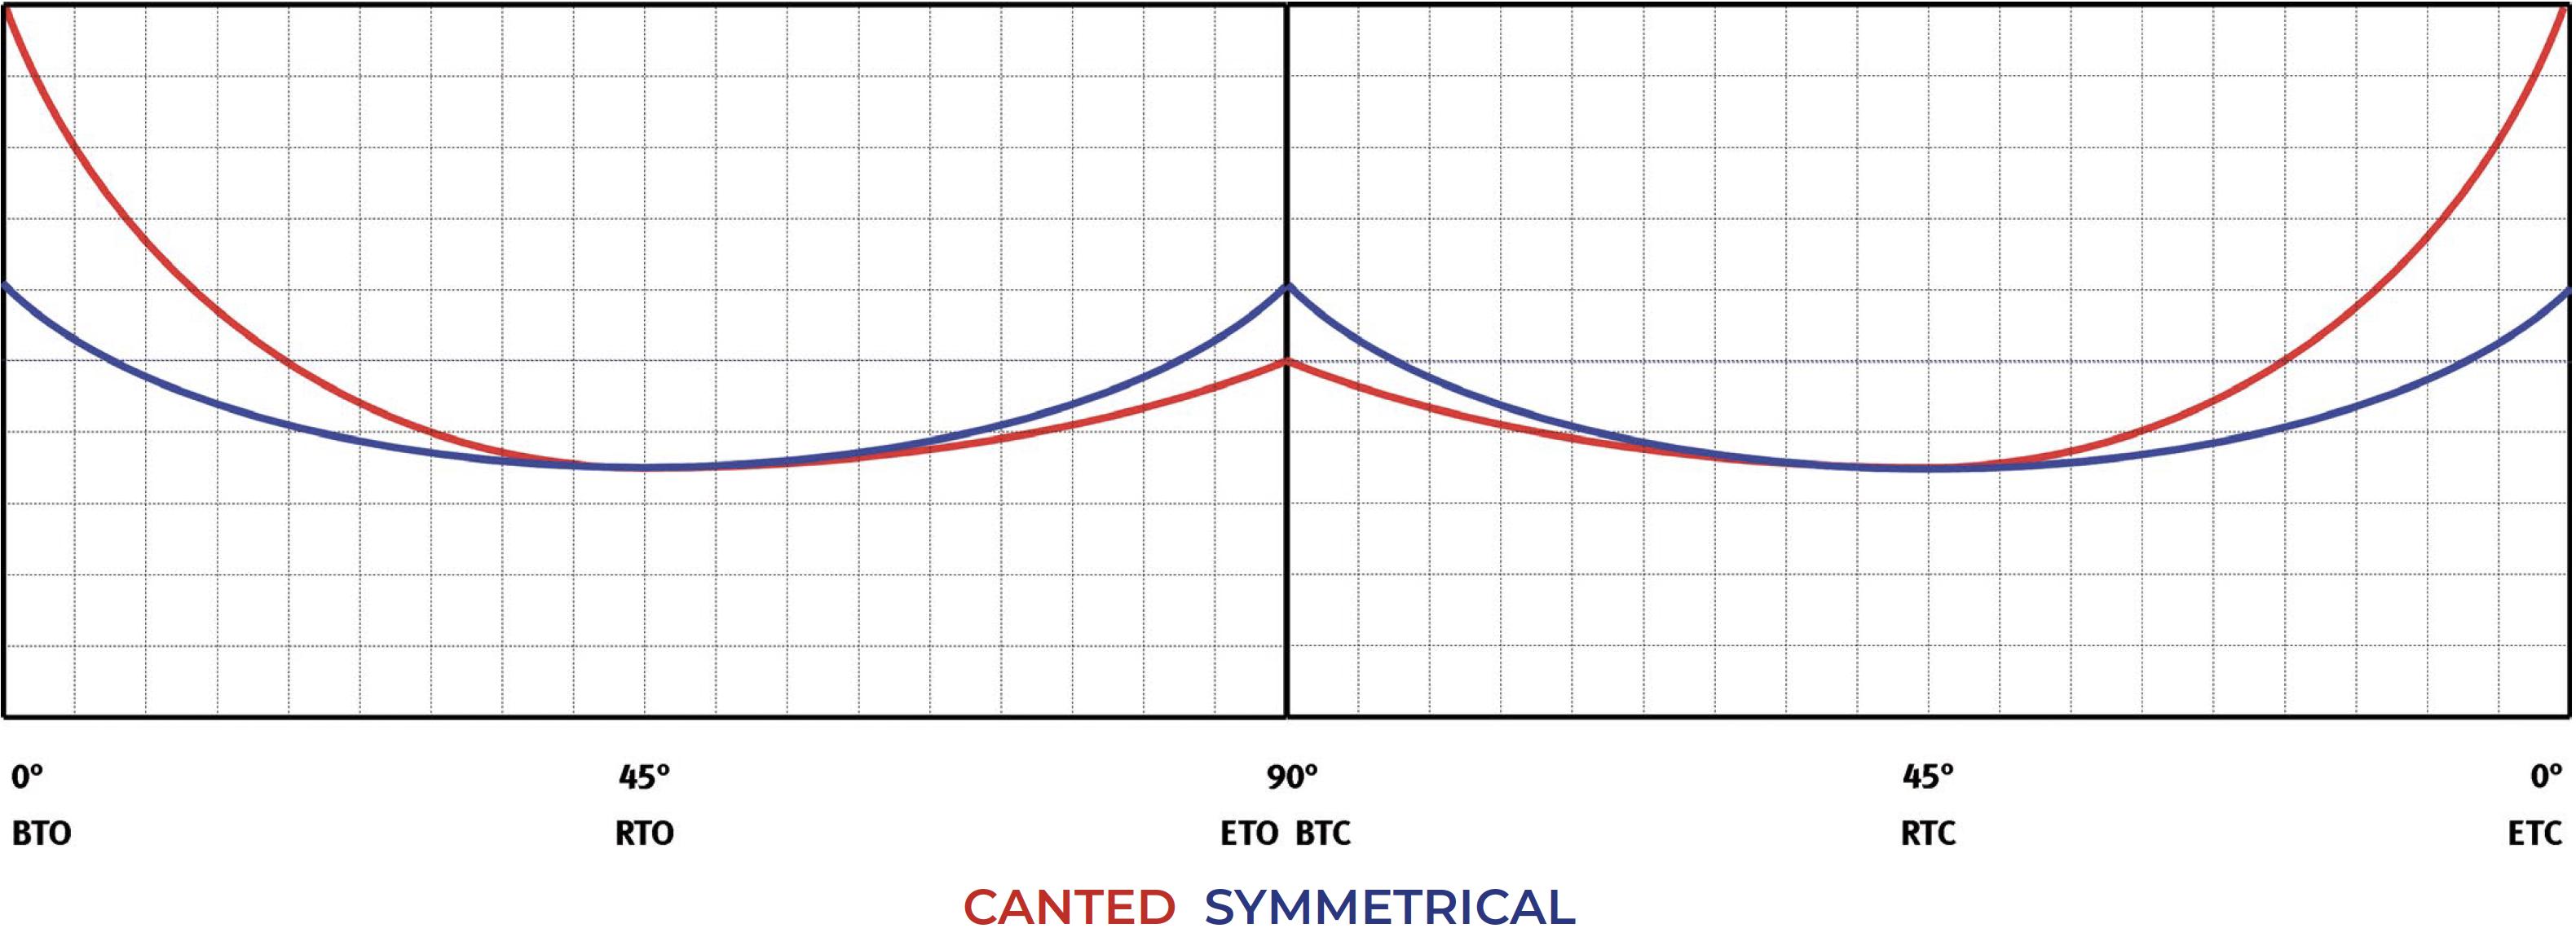 Çift etkili pnömatik aktüatör GD Heavy Duty karbon çeliği - şemalar ve başlangıç momentleri - Çift etki – Moment tablosu (dönme momentleri)